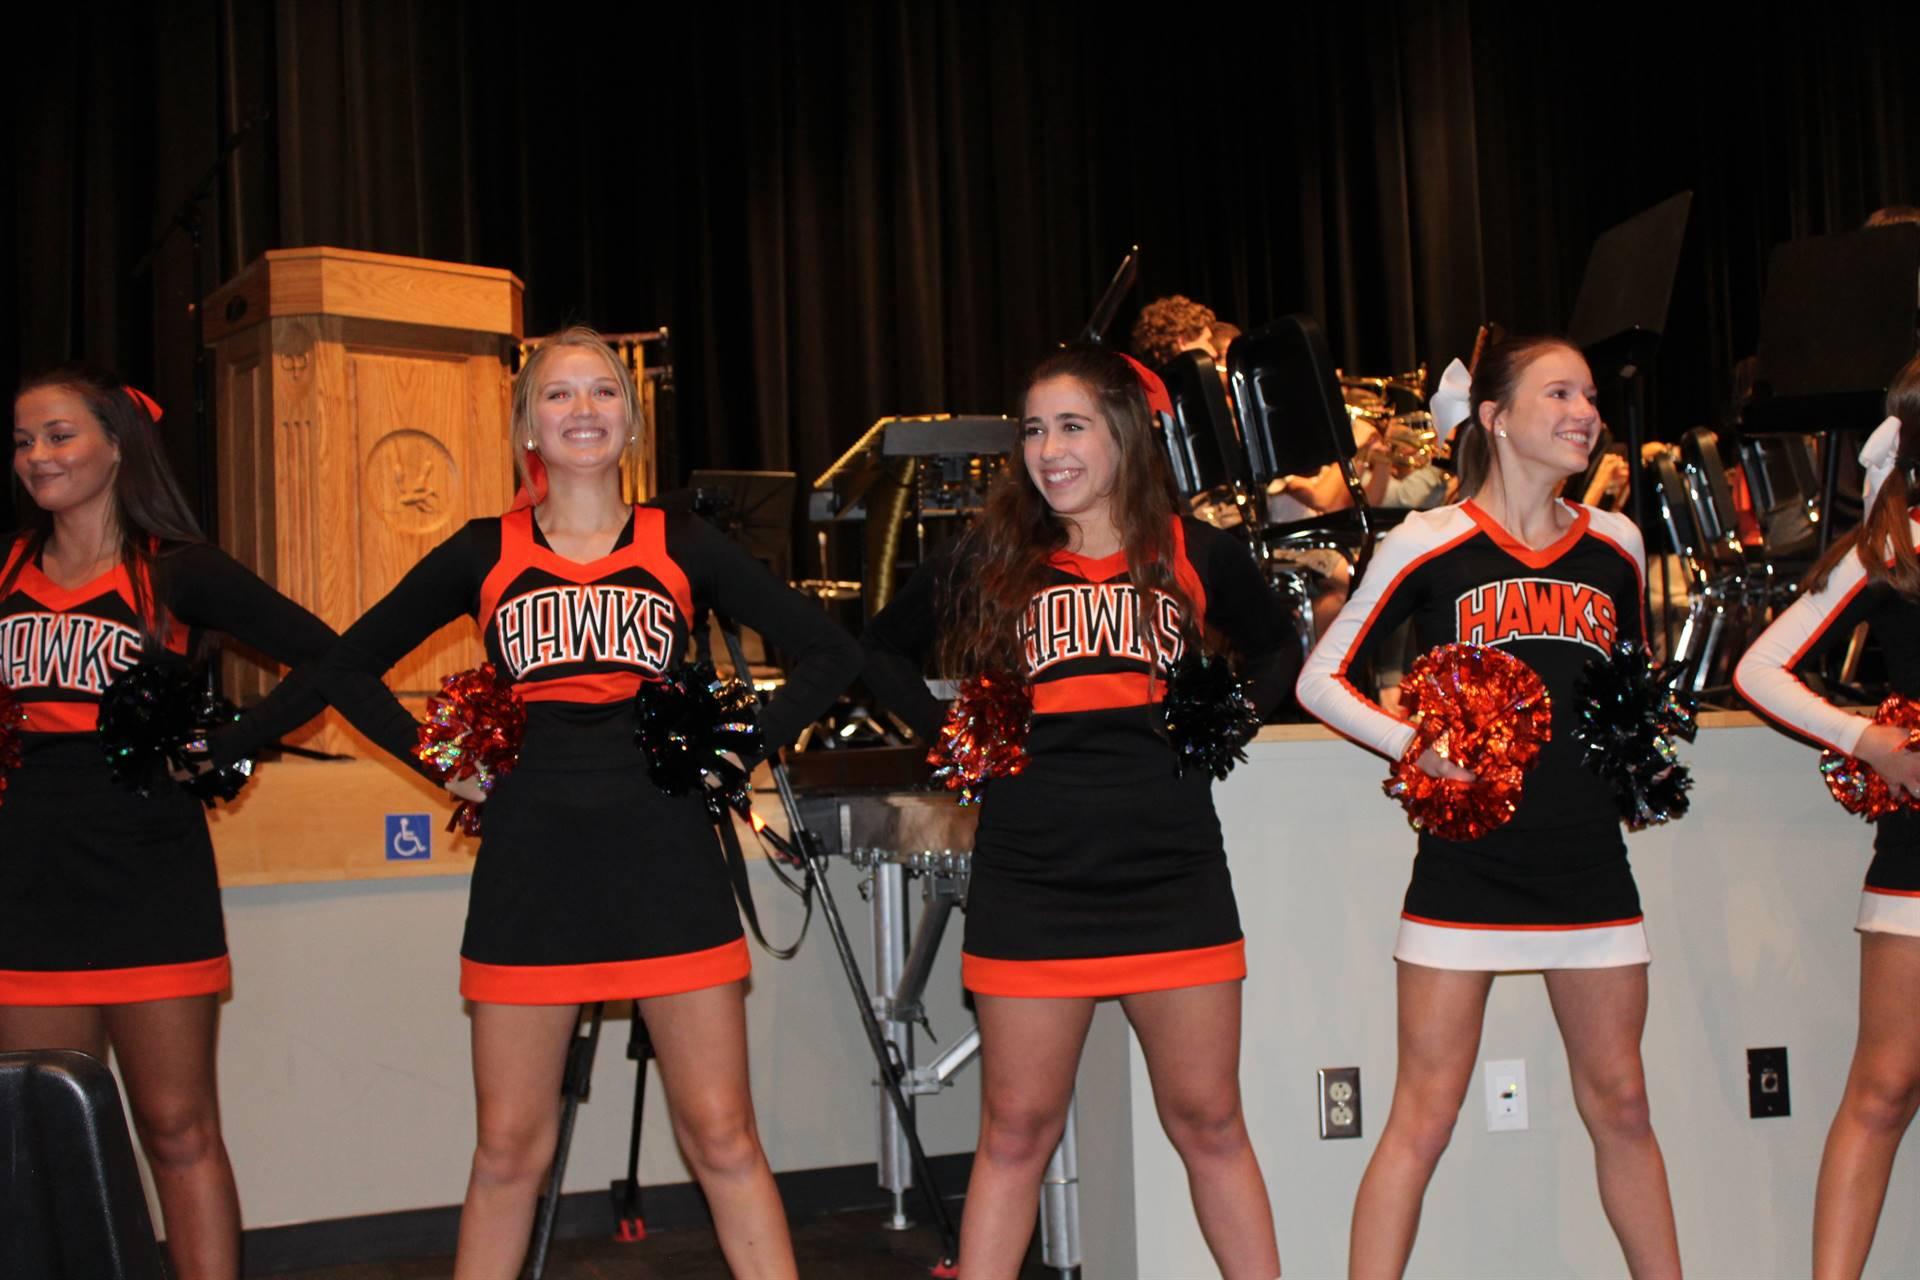 The BPHS Cheerleaders